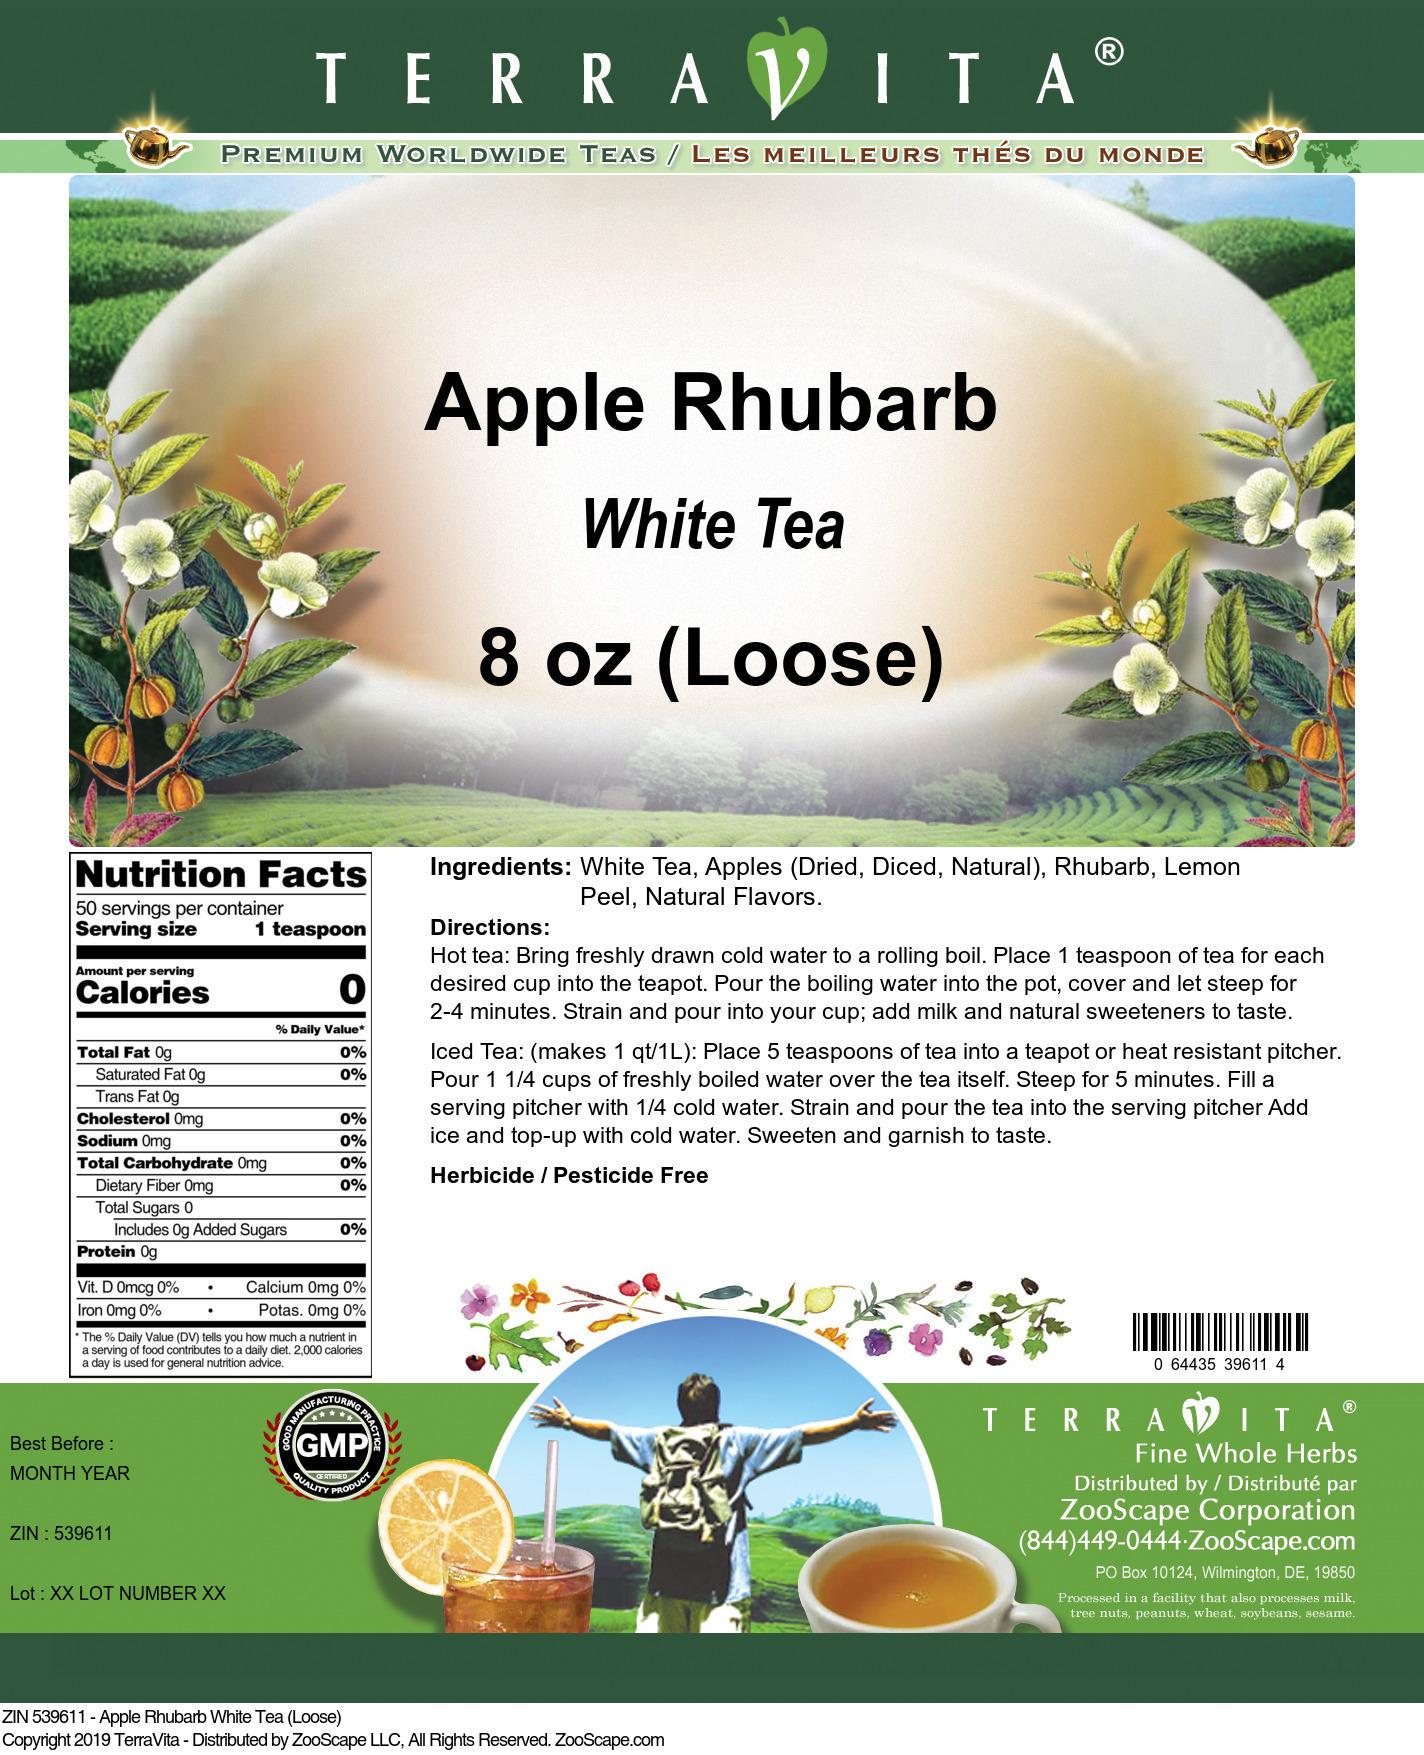 Apple Rhubarb White Tea (Loose)